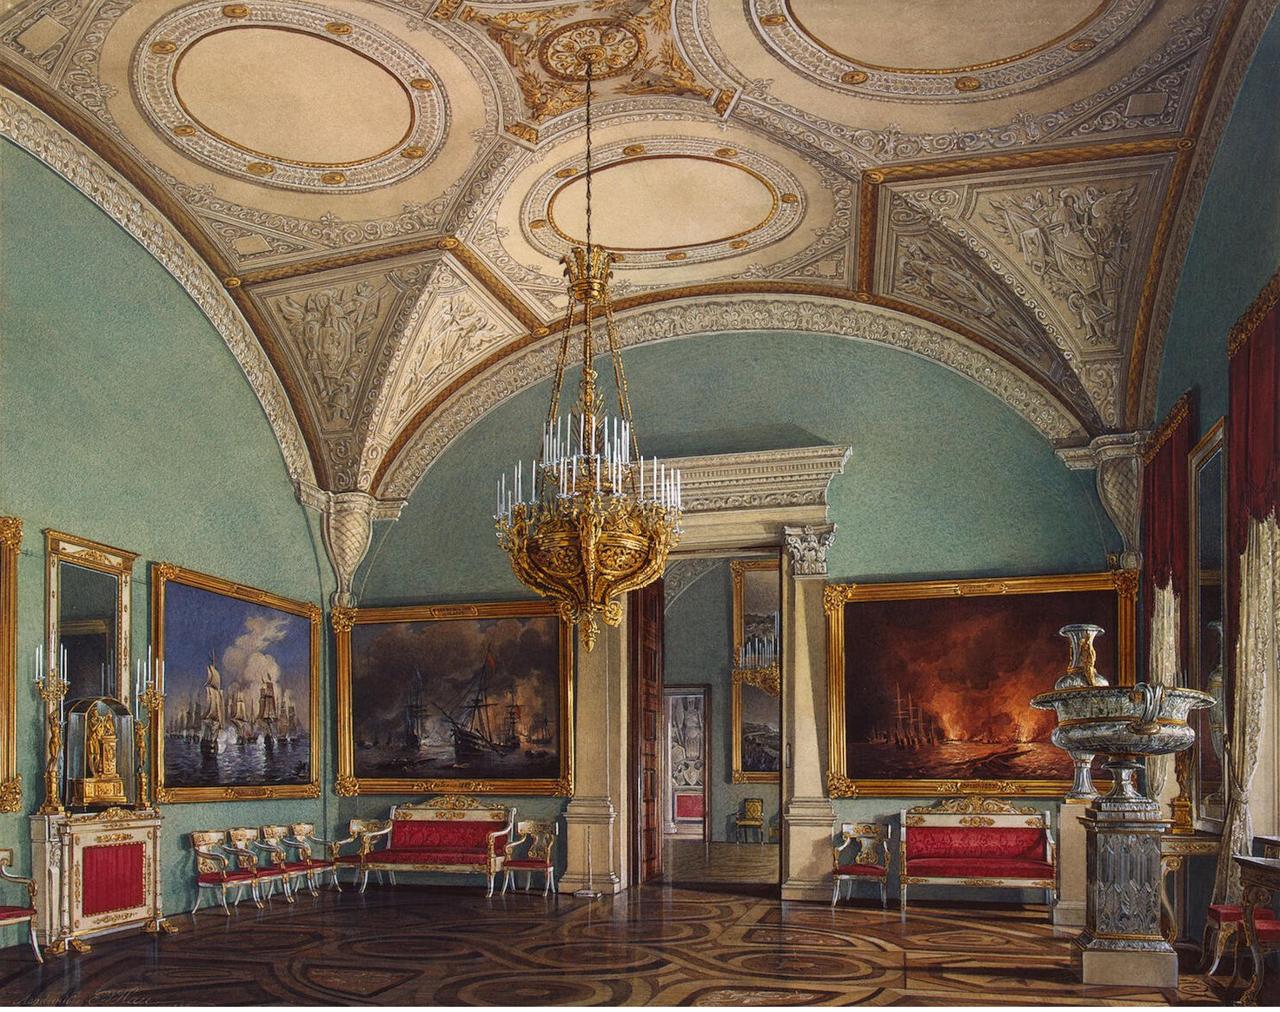 Интерьеры Зимнего дворца. Четвертый зал Военной галереи